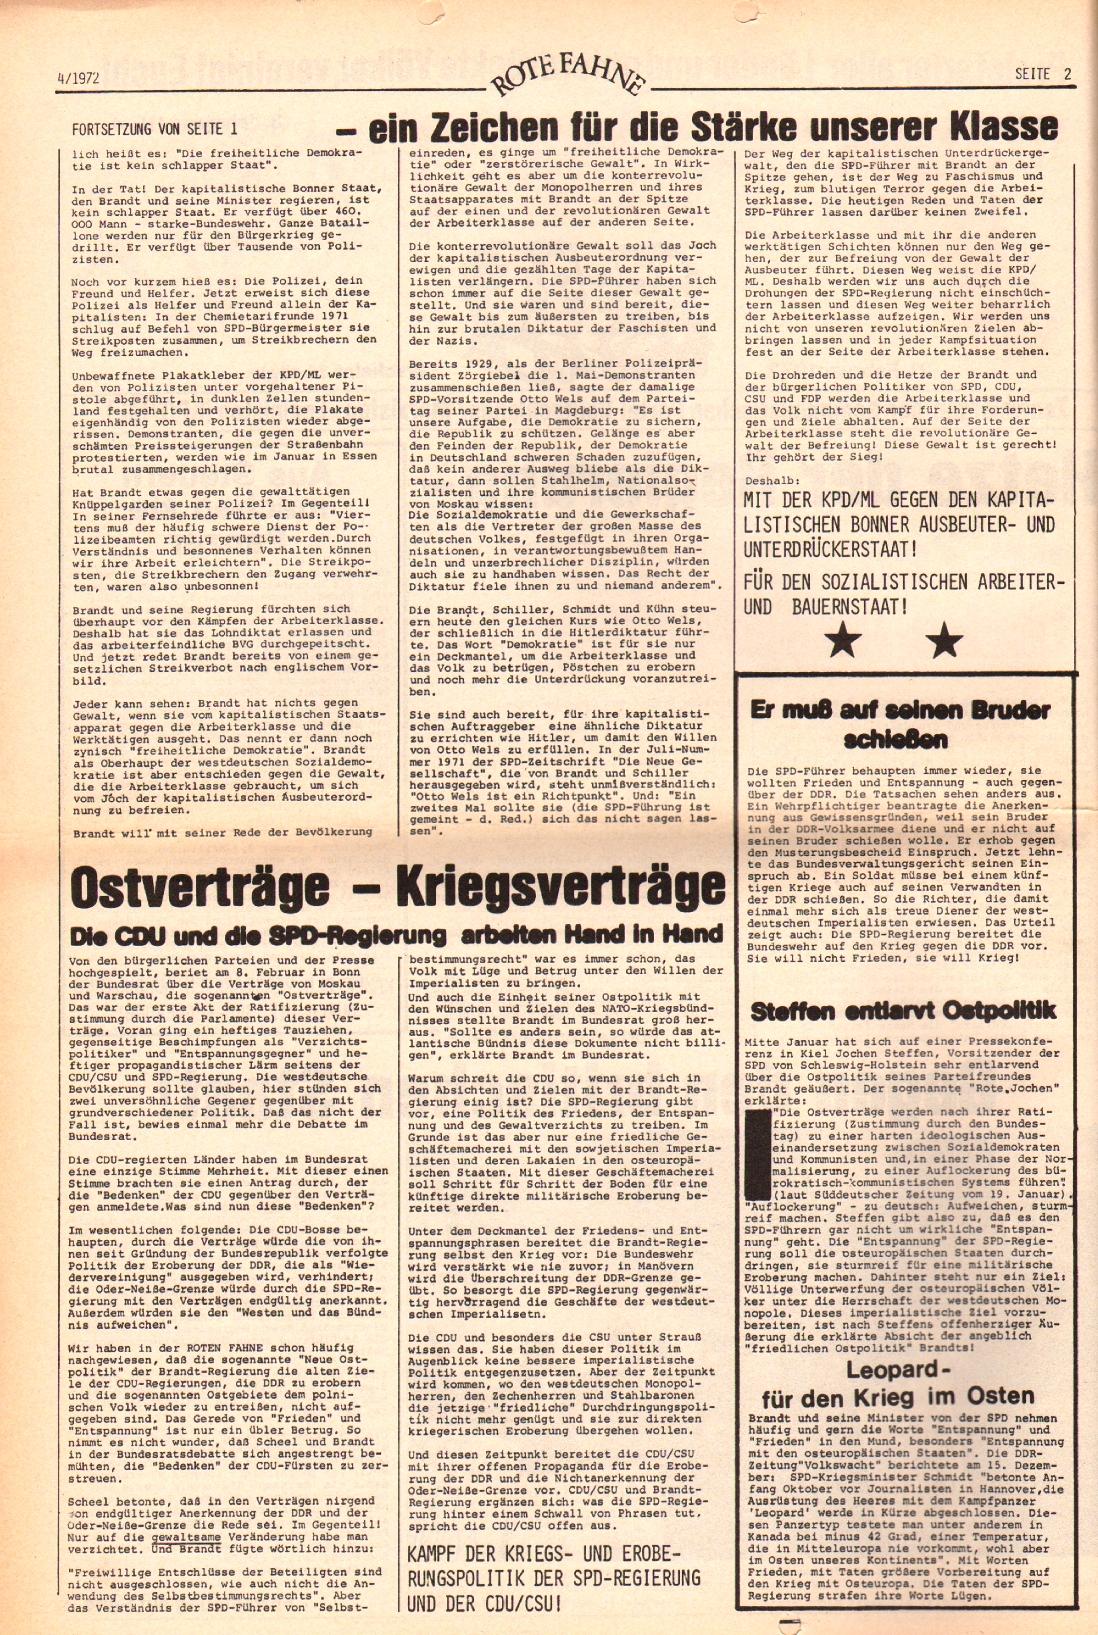 Rote Fahne, 3. Jg., 21.2.1972, Nr. 4, Seite 2